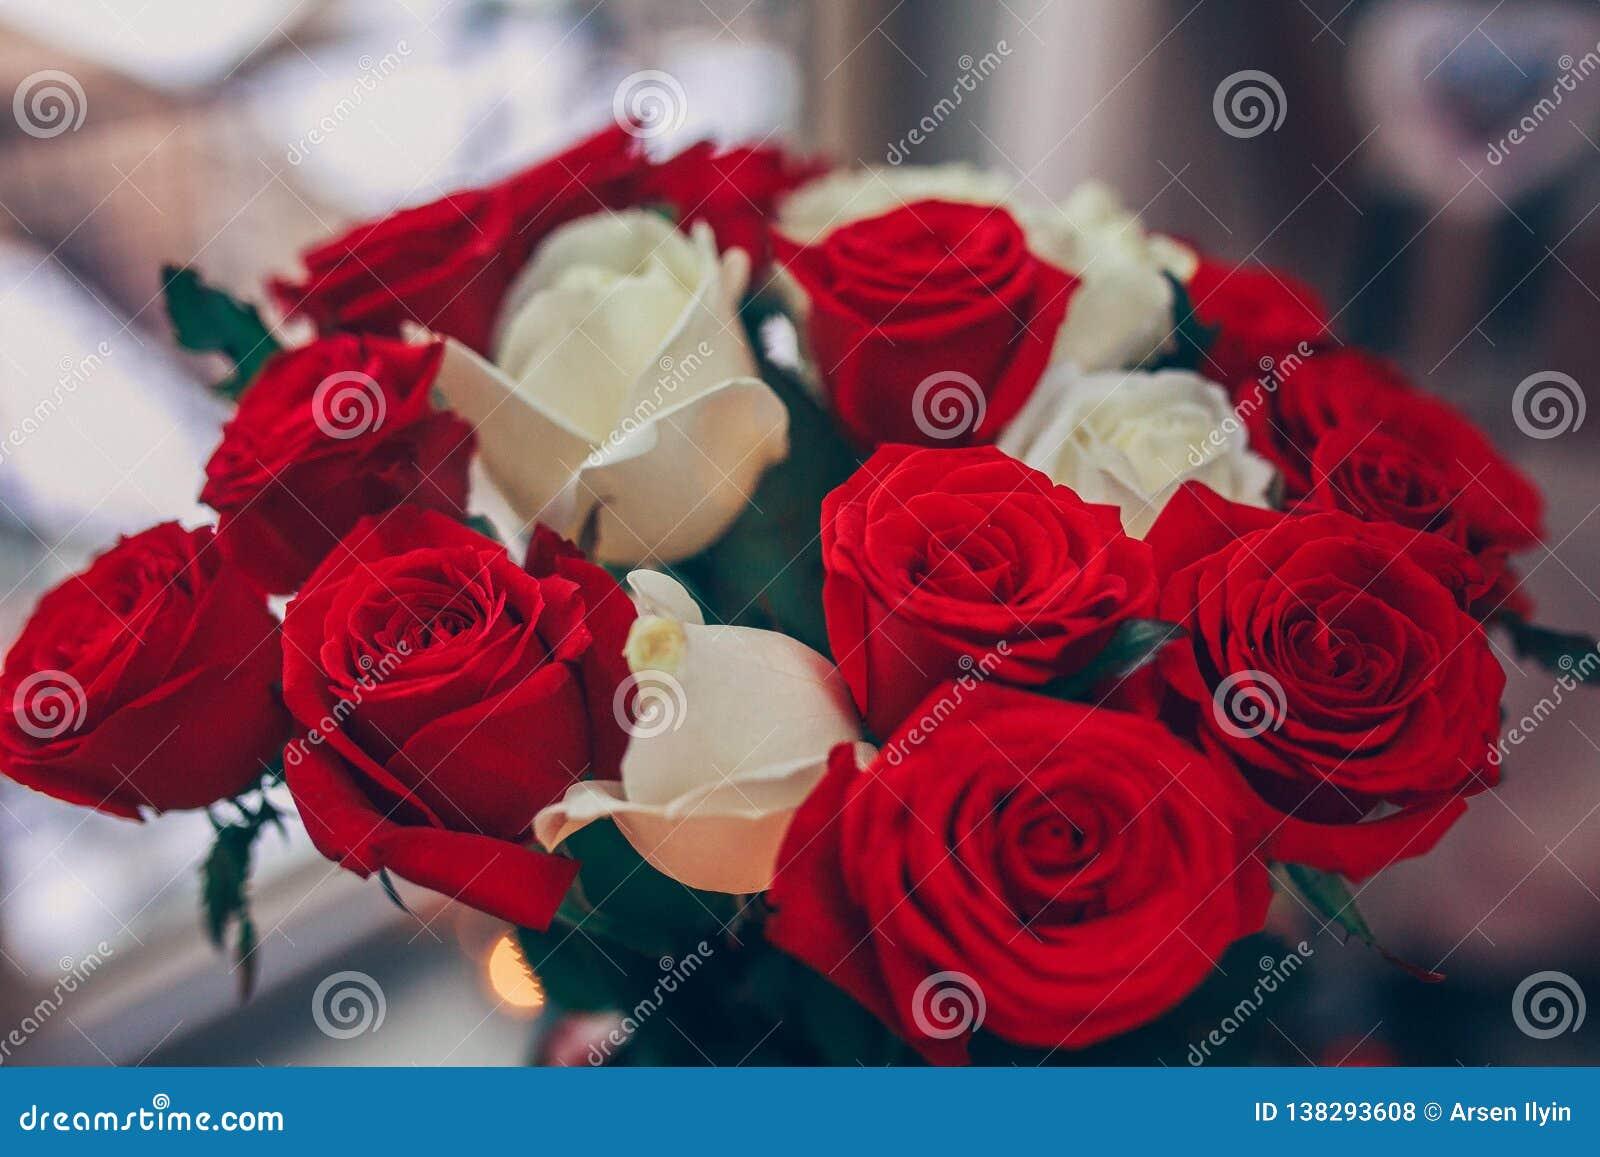 ανθοδέσμη των κόκκινων και άσπρων τριαντάφυλλων